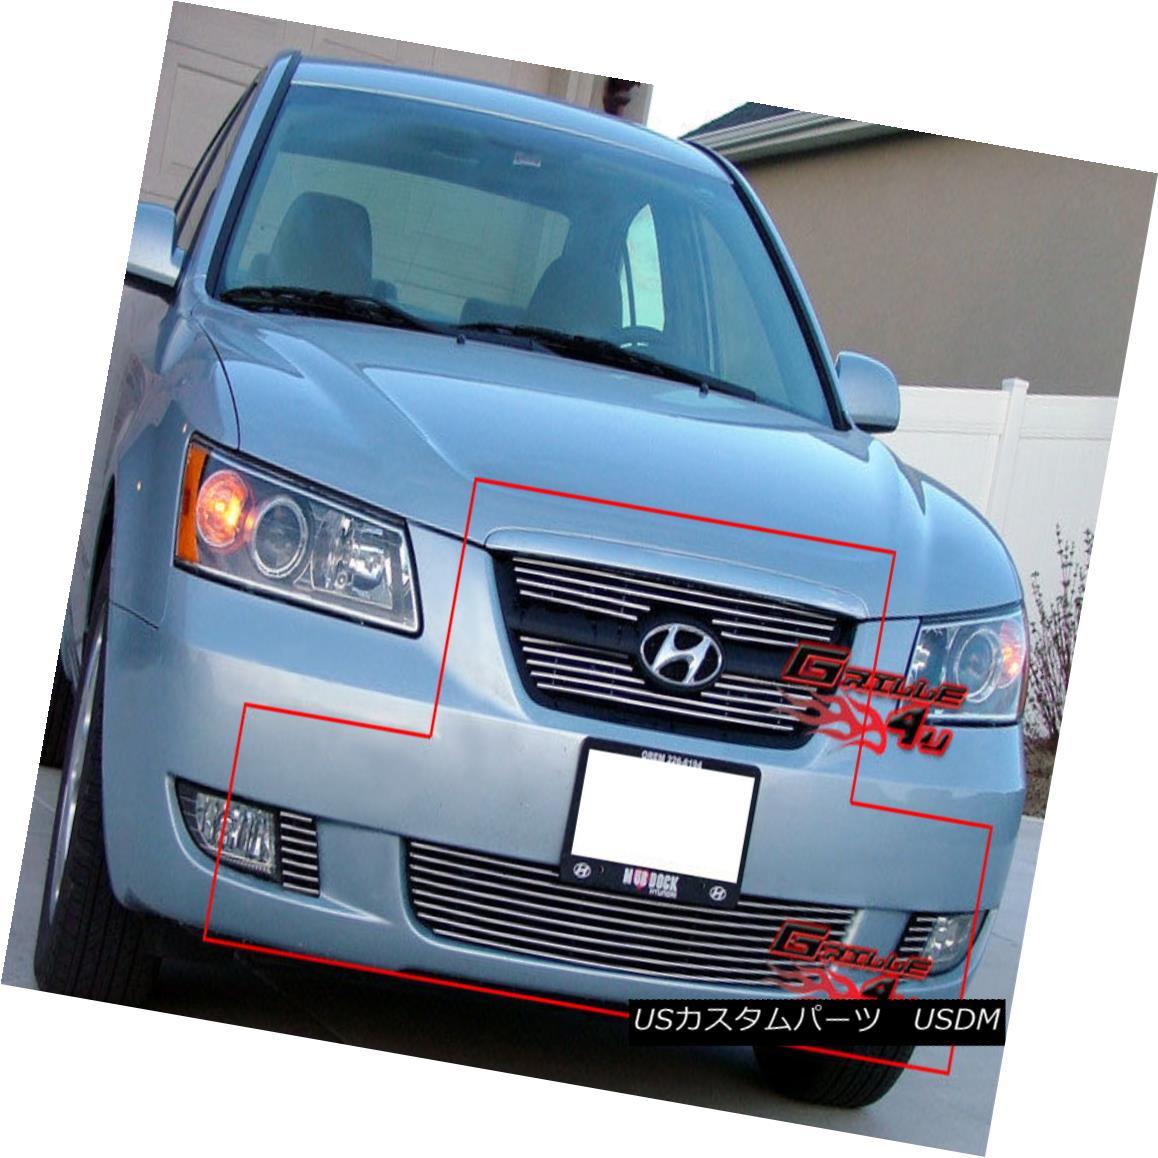 グリル Fits 2006-2008 Hyundai Sonata Billet Grille Combo 現代ソナタビレットグリルコンボ, インカムショップ d20bafcf